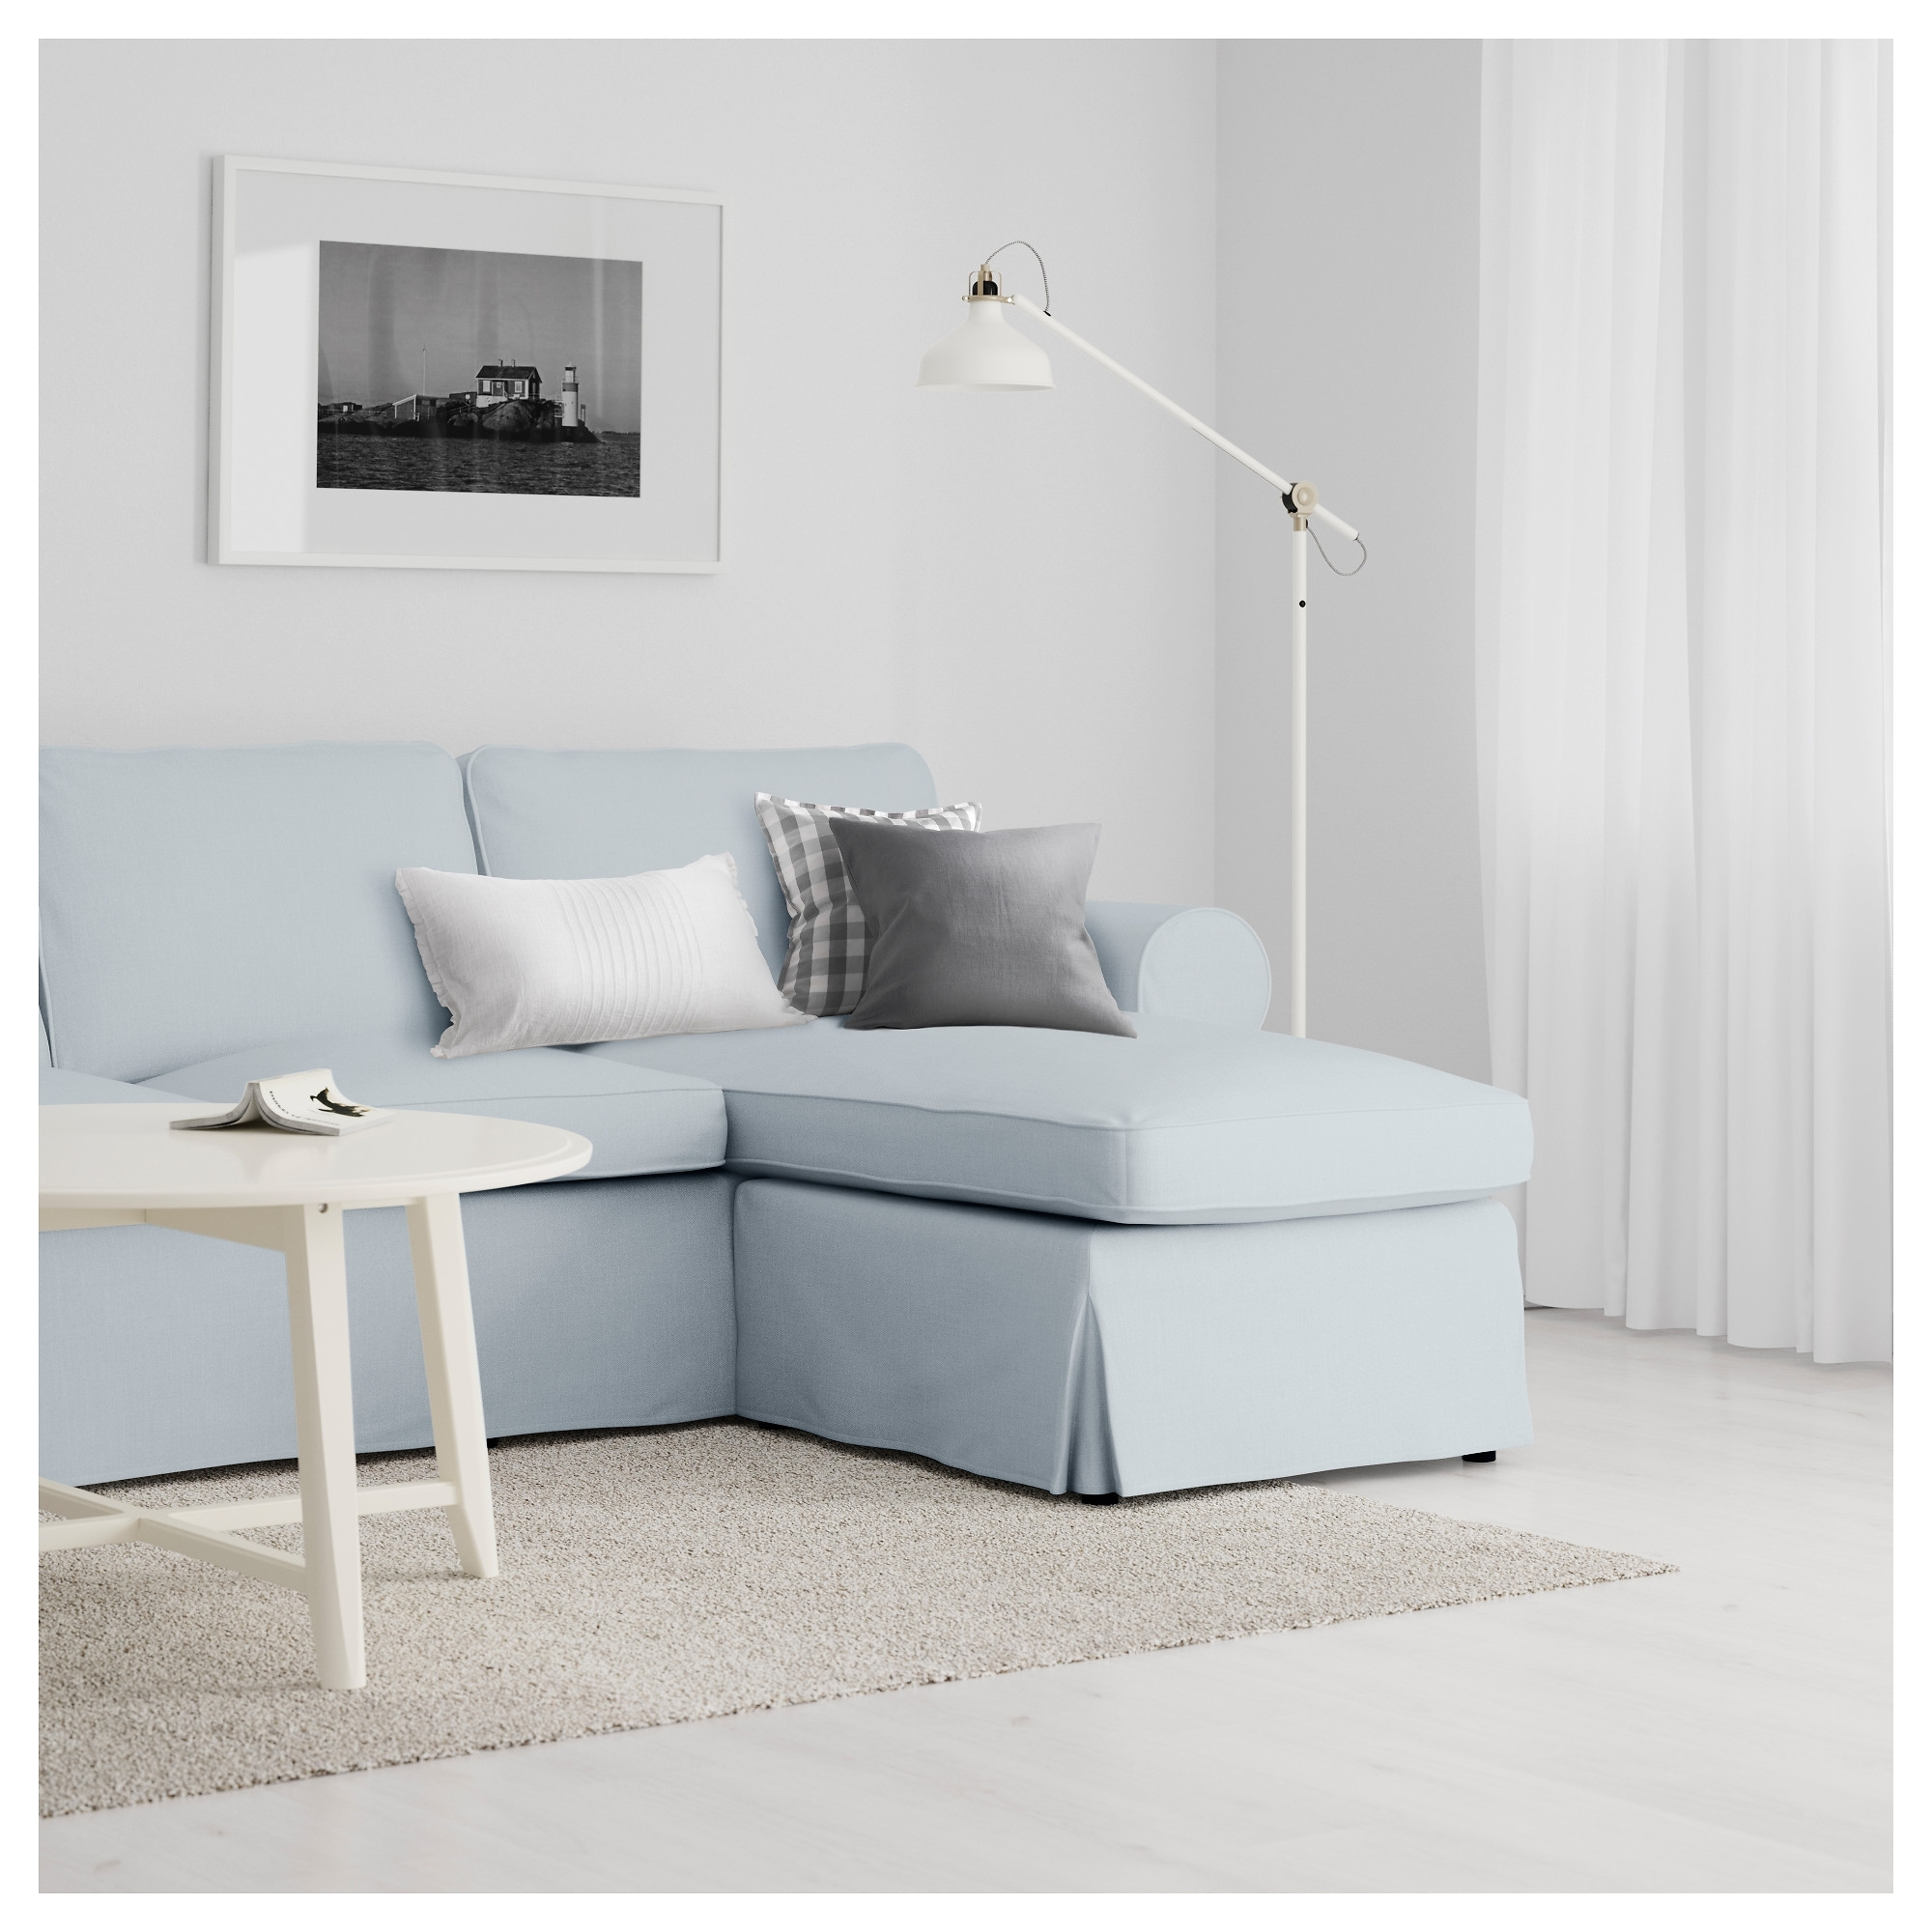 Preferred Ektorp Sofa – Nordvalla Dark Beige – Ikea With Regard To Ektorp Chaises (View 13 of 15)